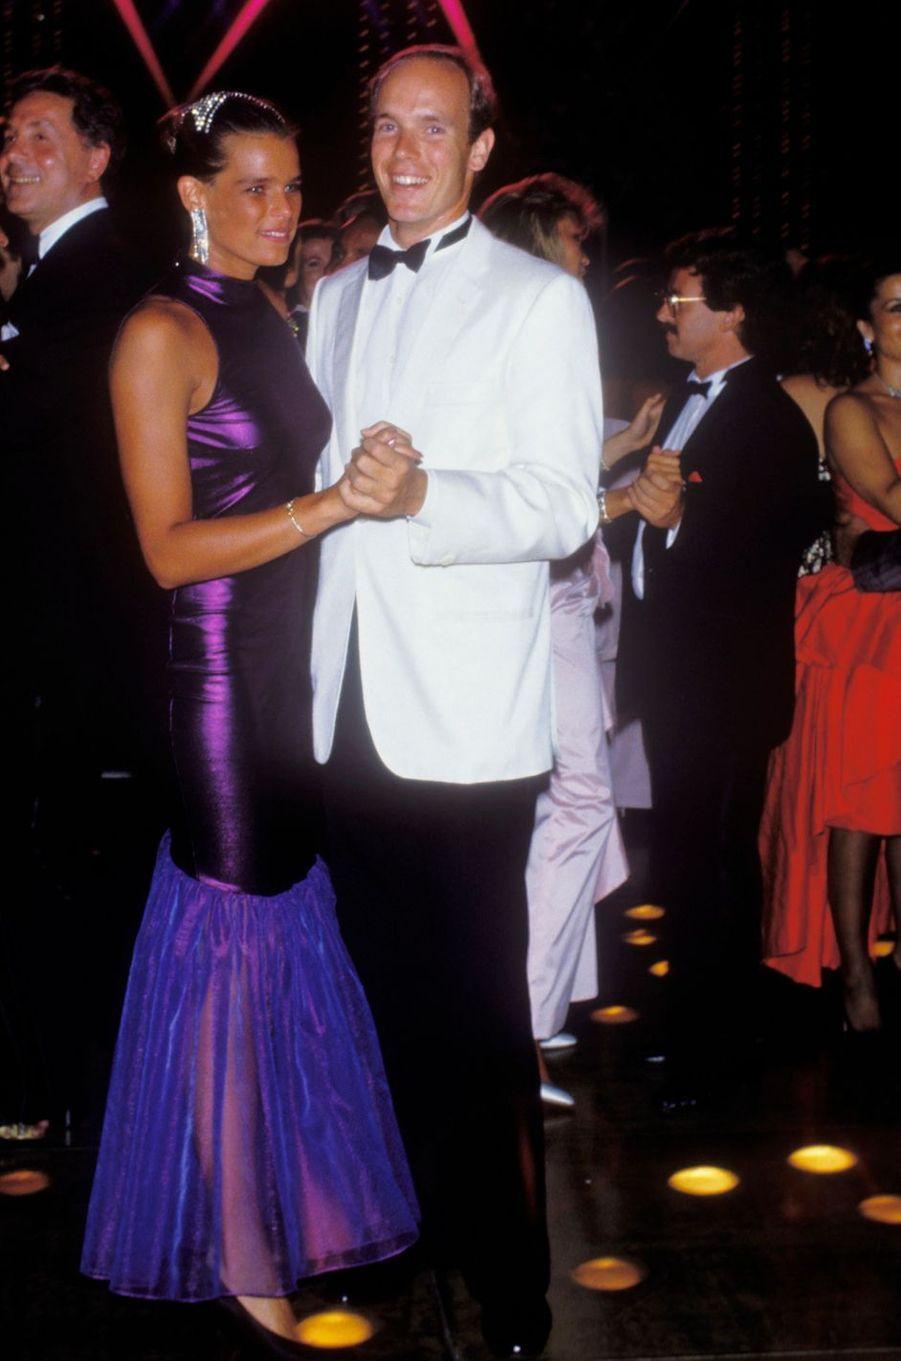 La princesse Stéphanie de Monaco au bal de la Croix-Rouge en août 1987